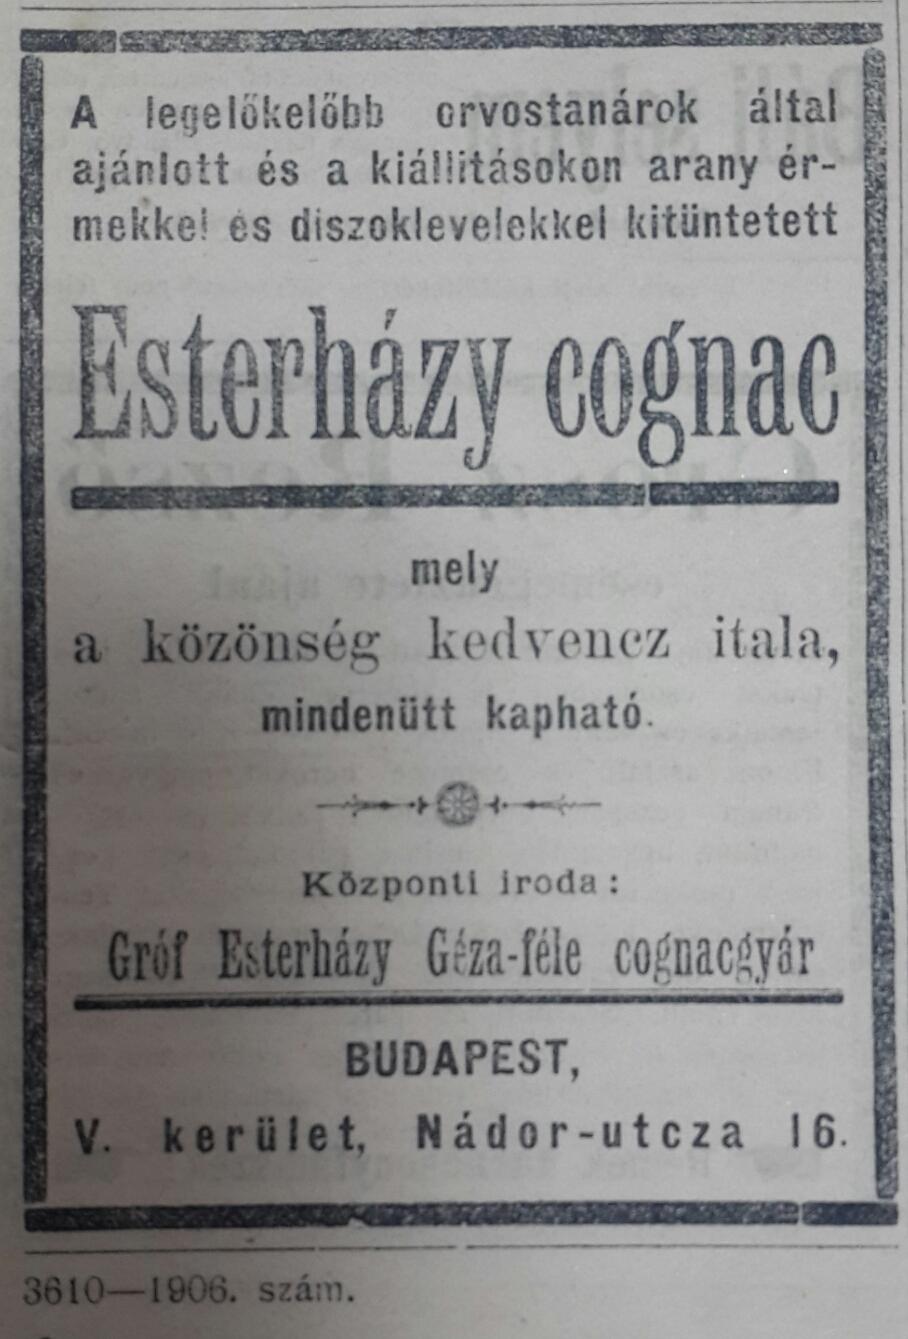 eszterhazy konyak Ungvári Közlöny